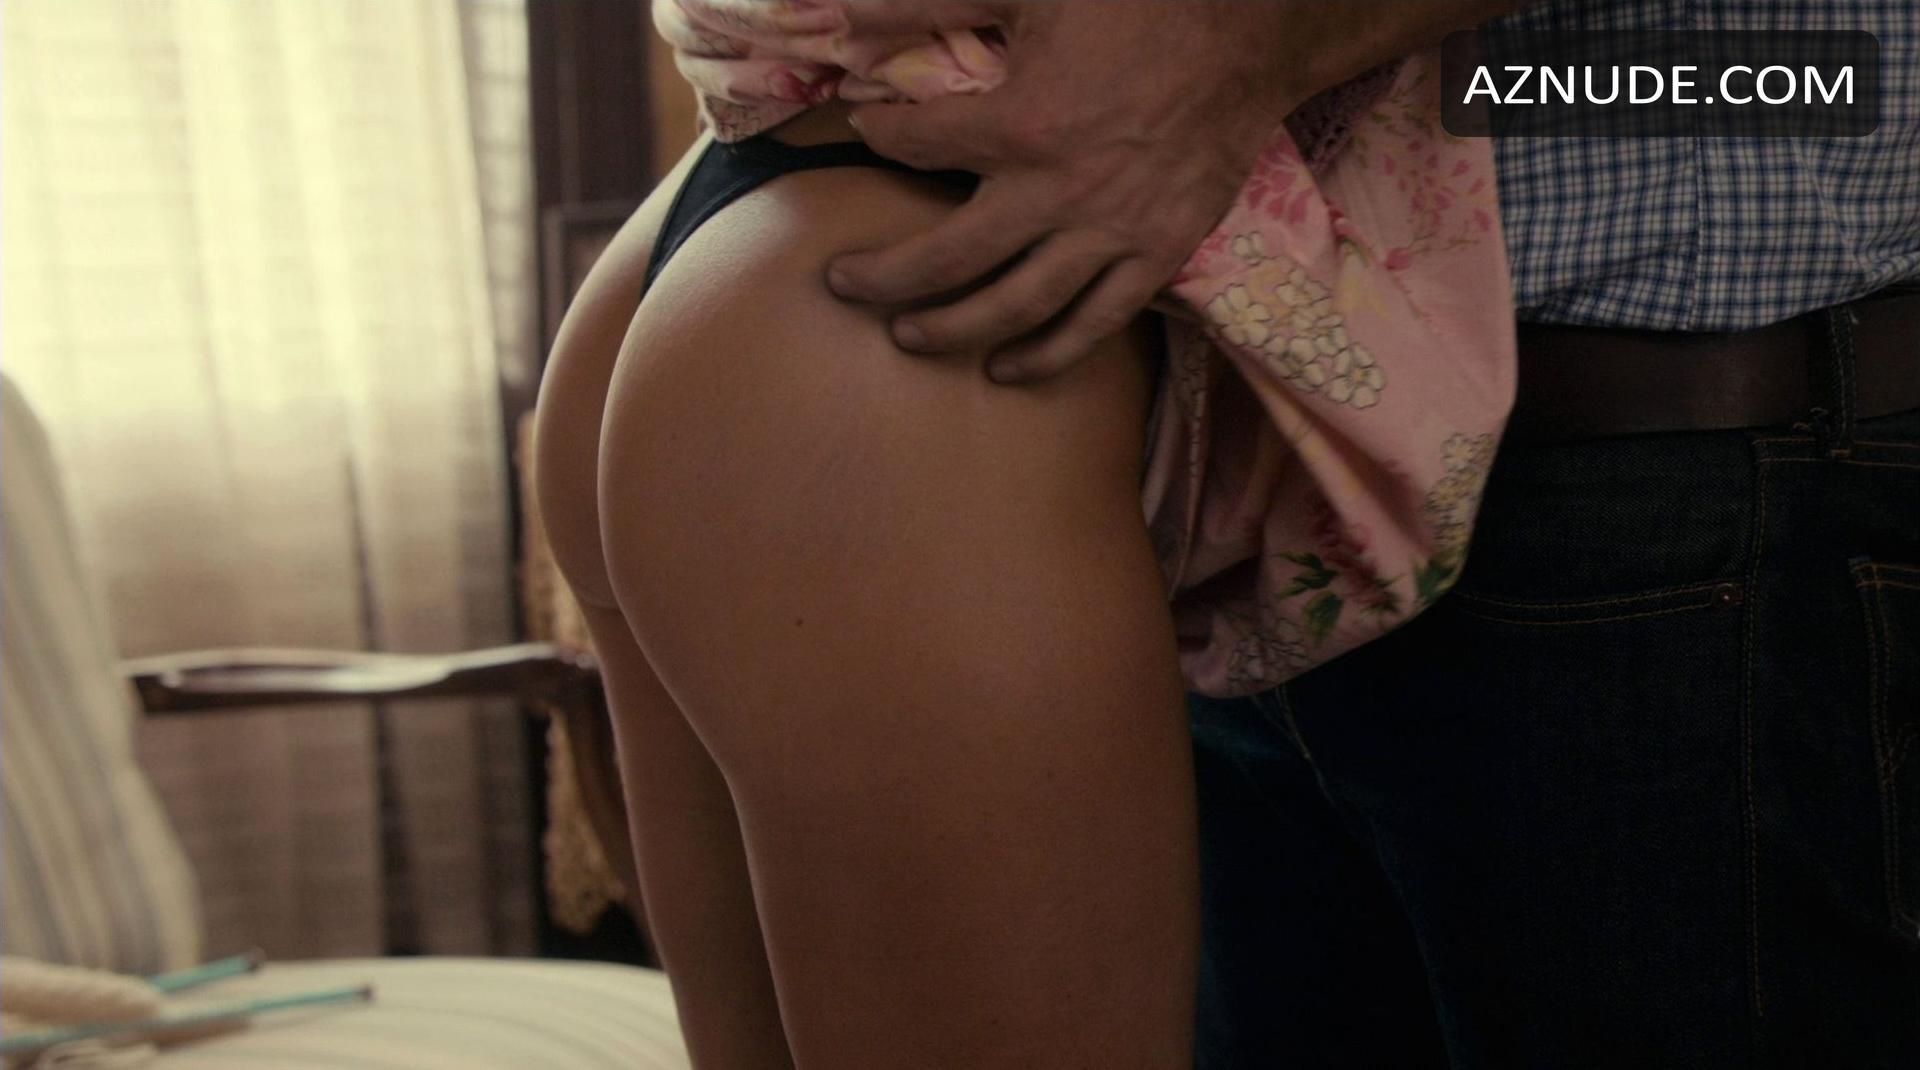 What words... Amy poehler sex scene phrase